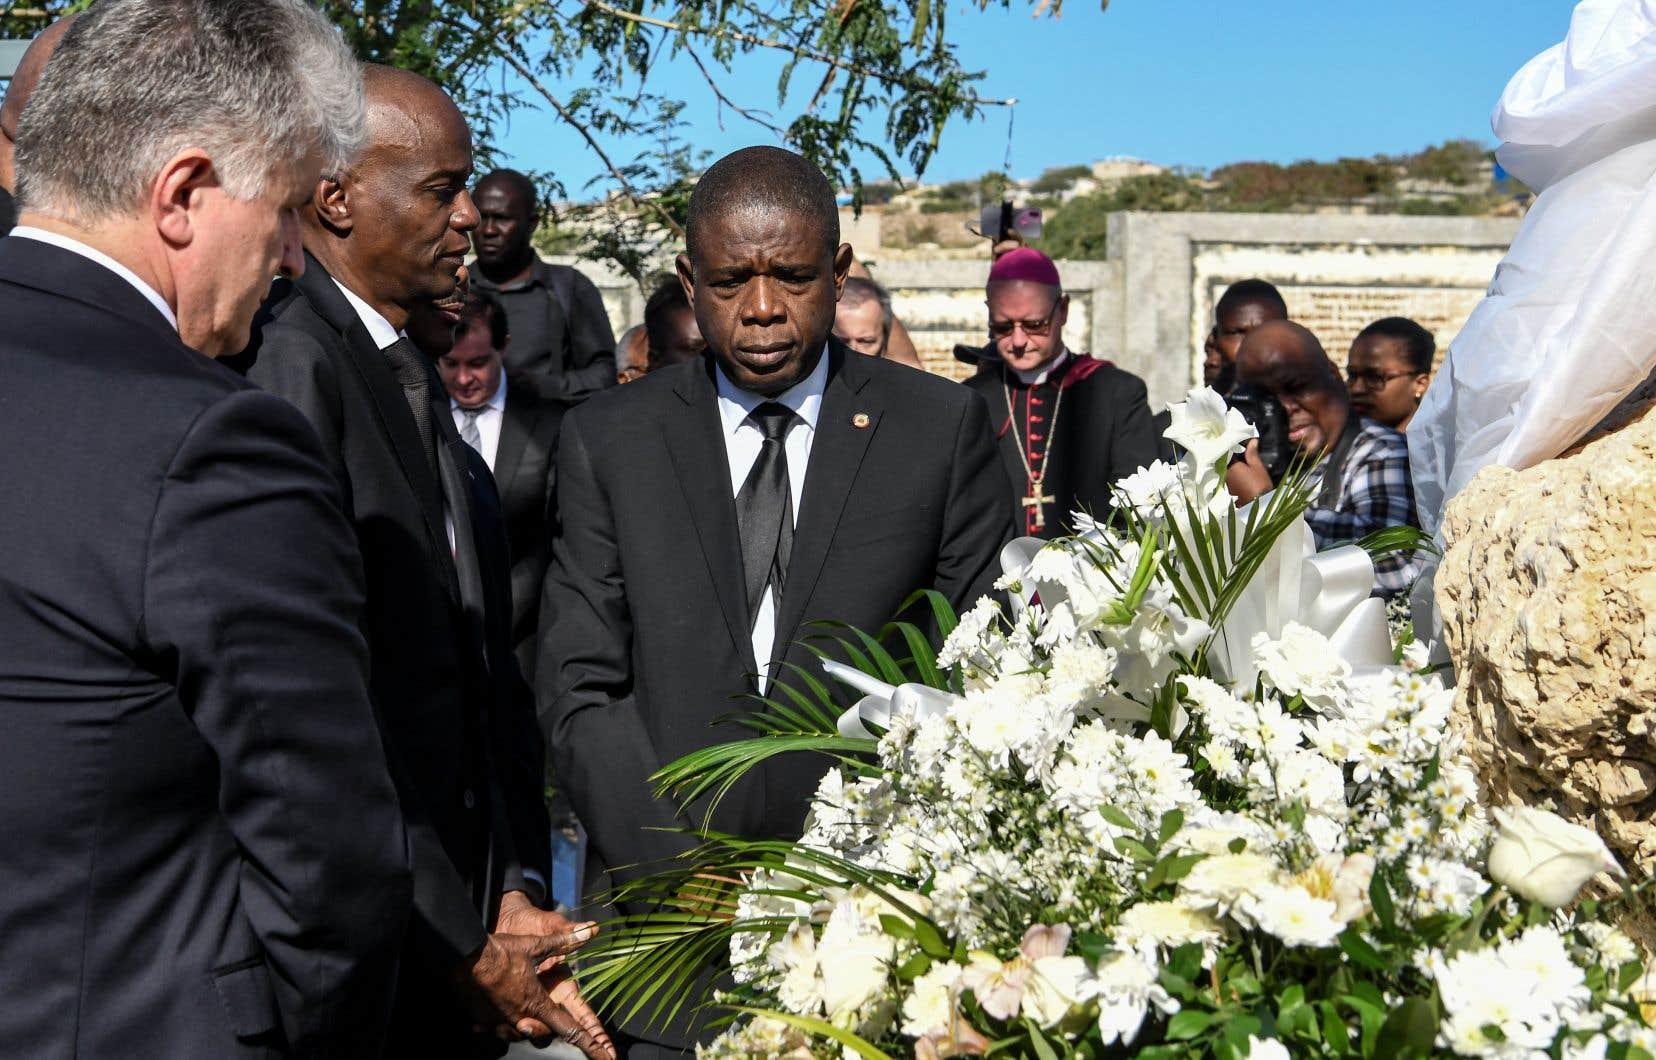 Le président haïtien, Jovenel Moïse, a participé à une commémoration au mémorial du séisme, érigé sur le site où des milliers de victimes ont été enterrées dans des fosses communes.